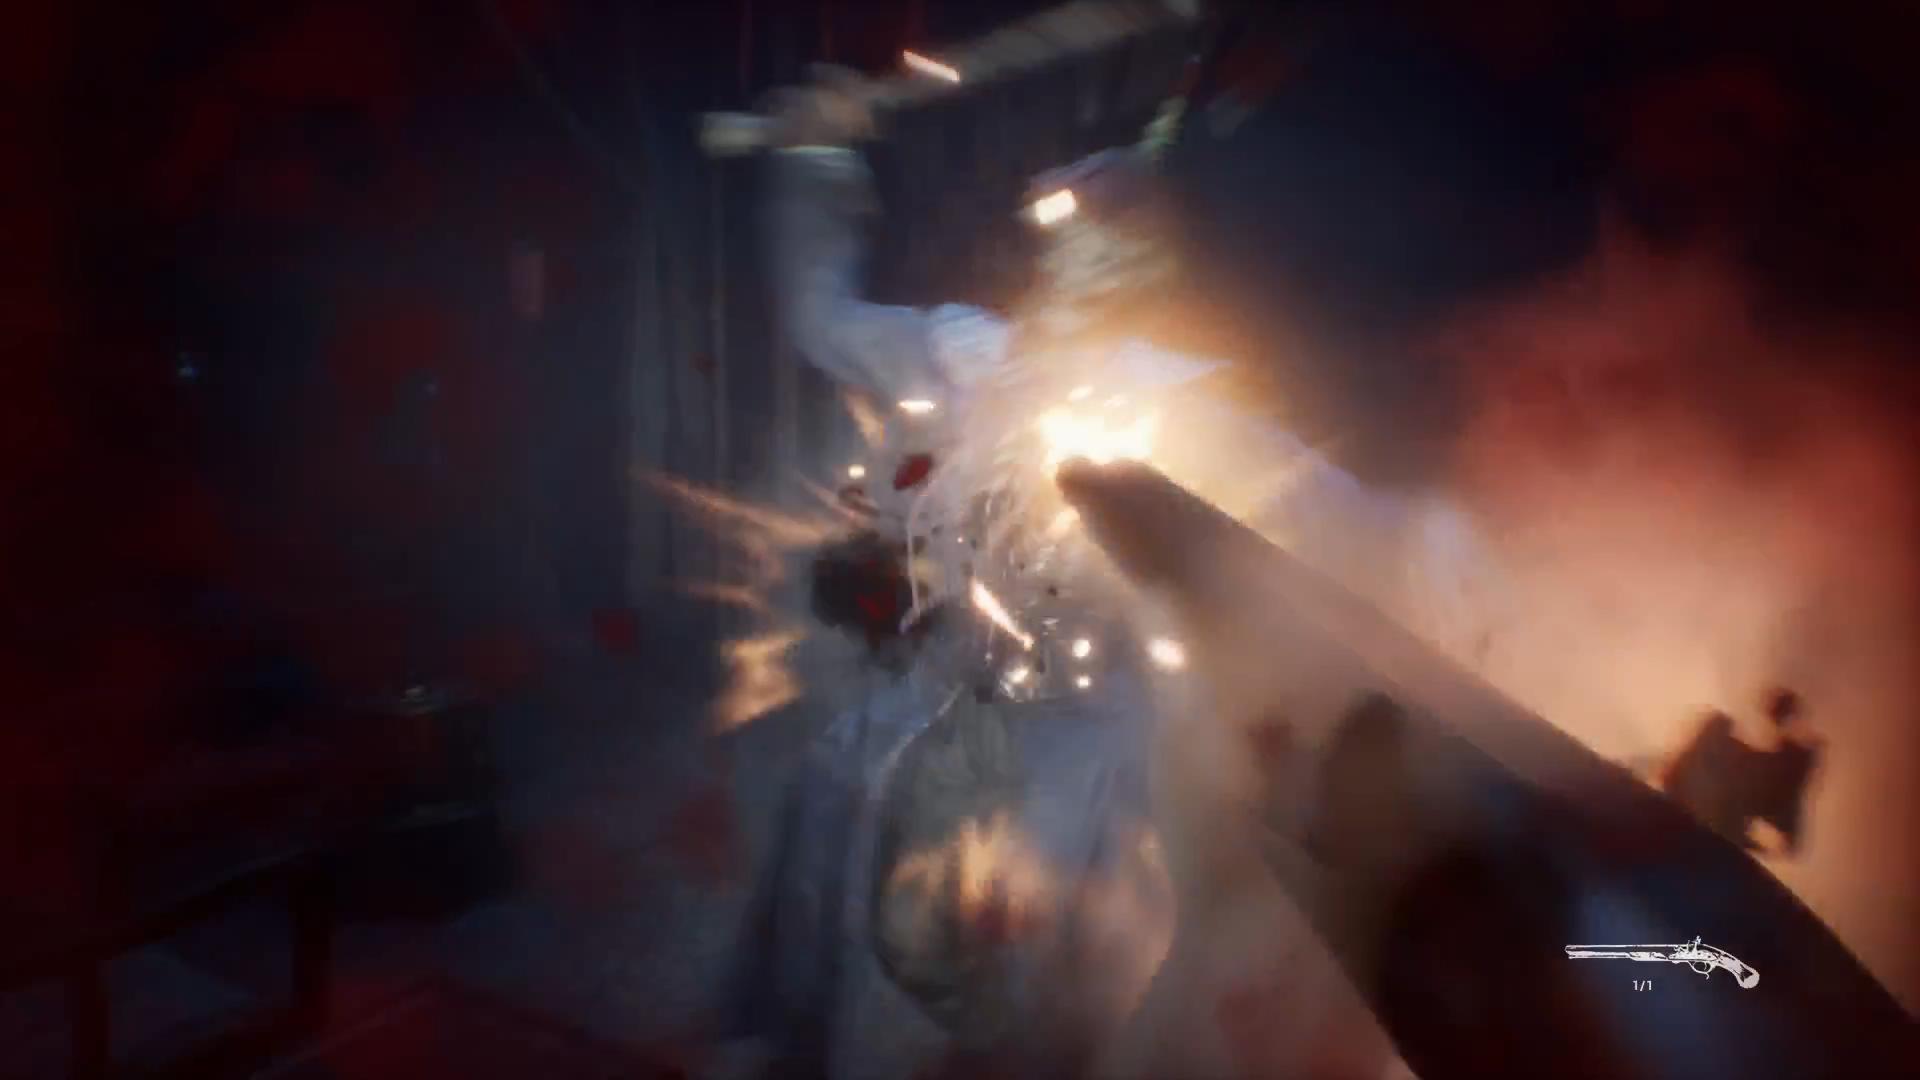 【纸人2】恐怖解谜游戏开荒探索(第二期):反正有存档,死就死吧